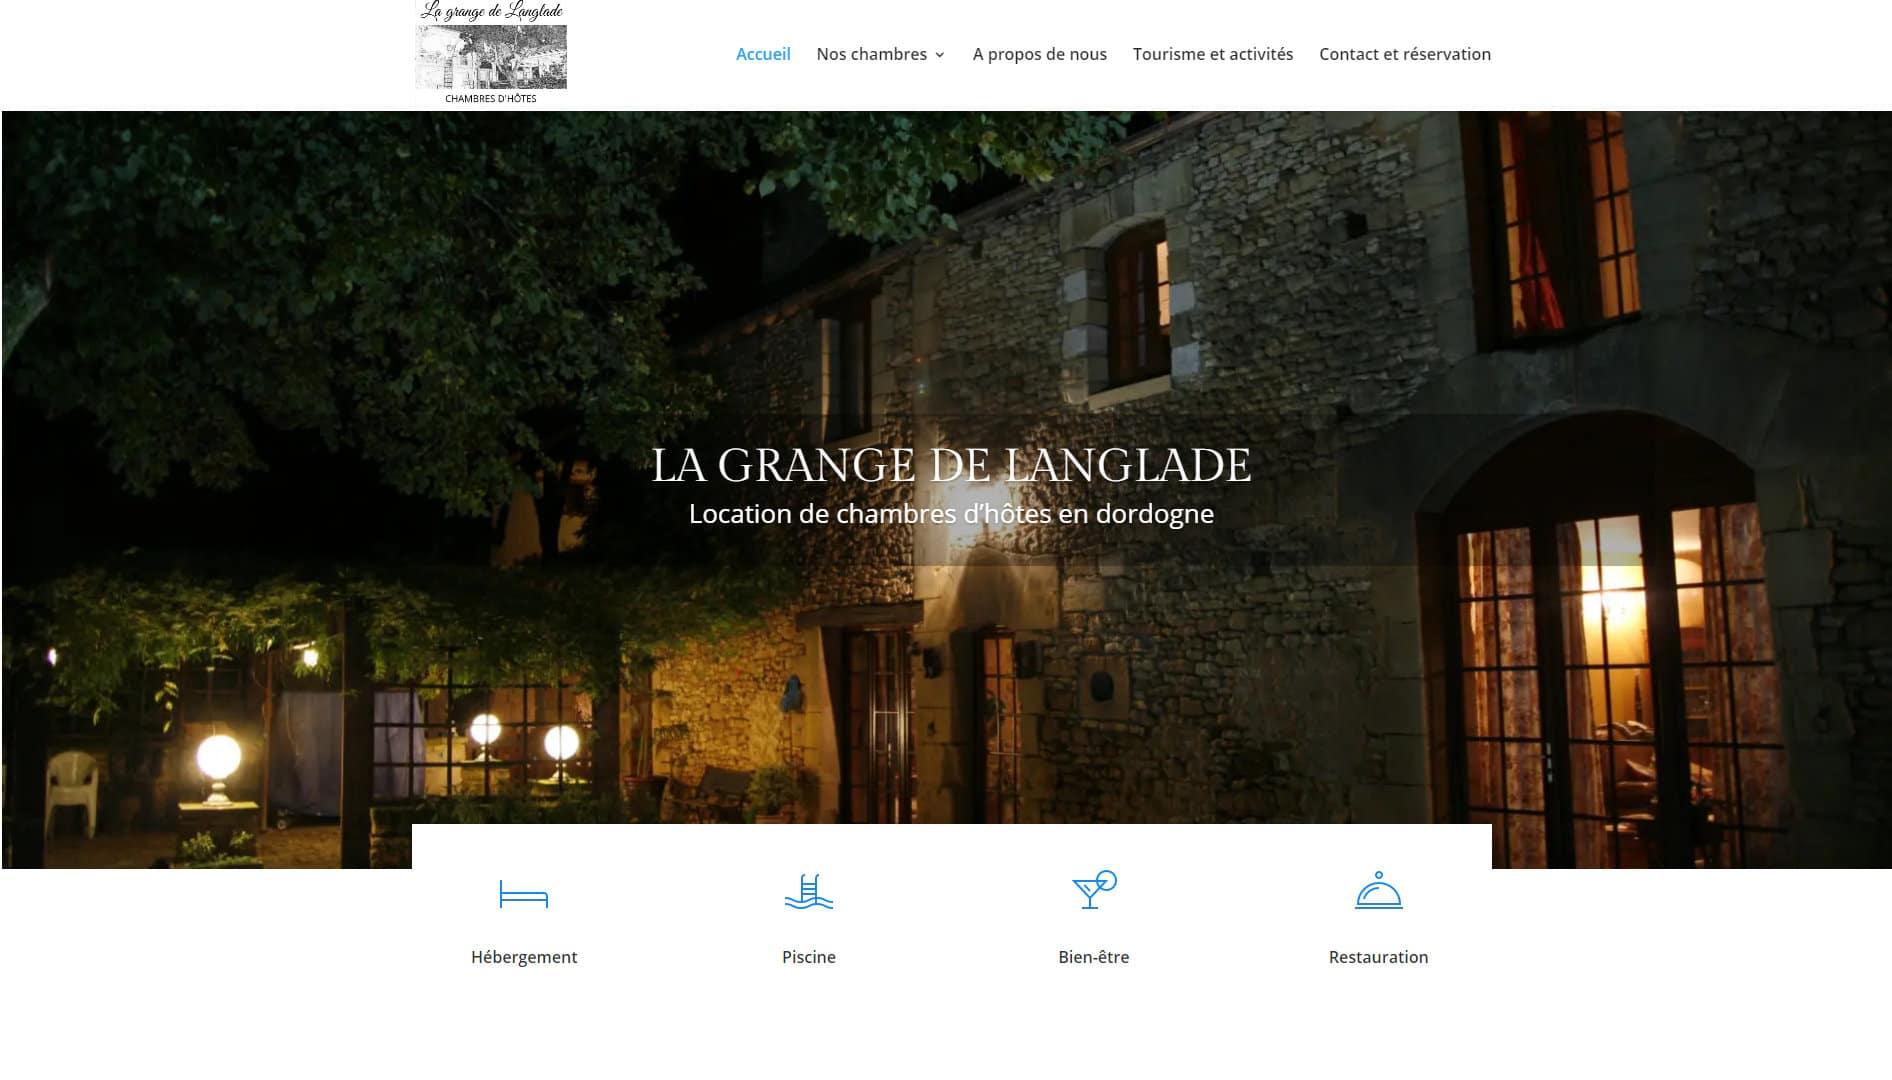 La Grange De Langlade